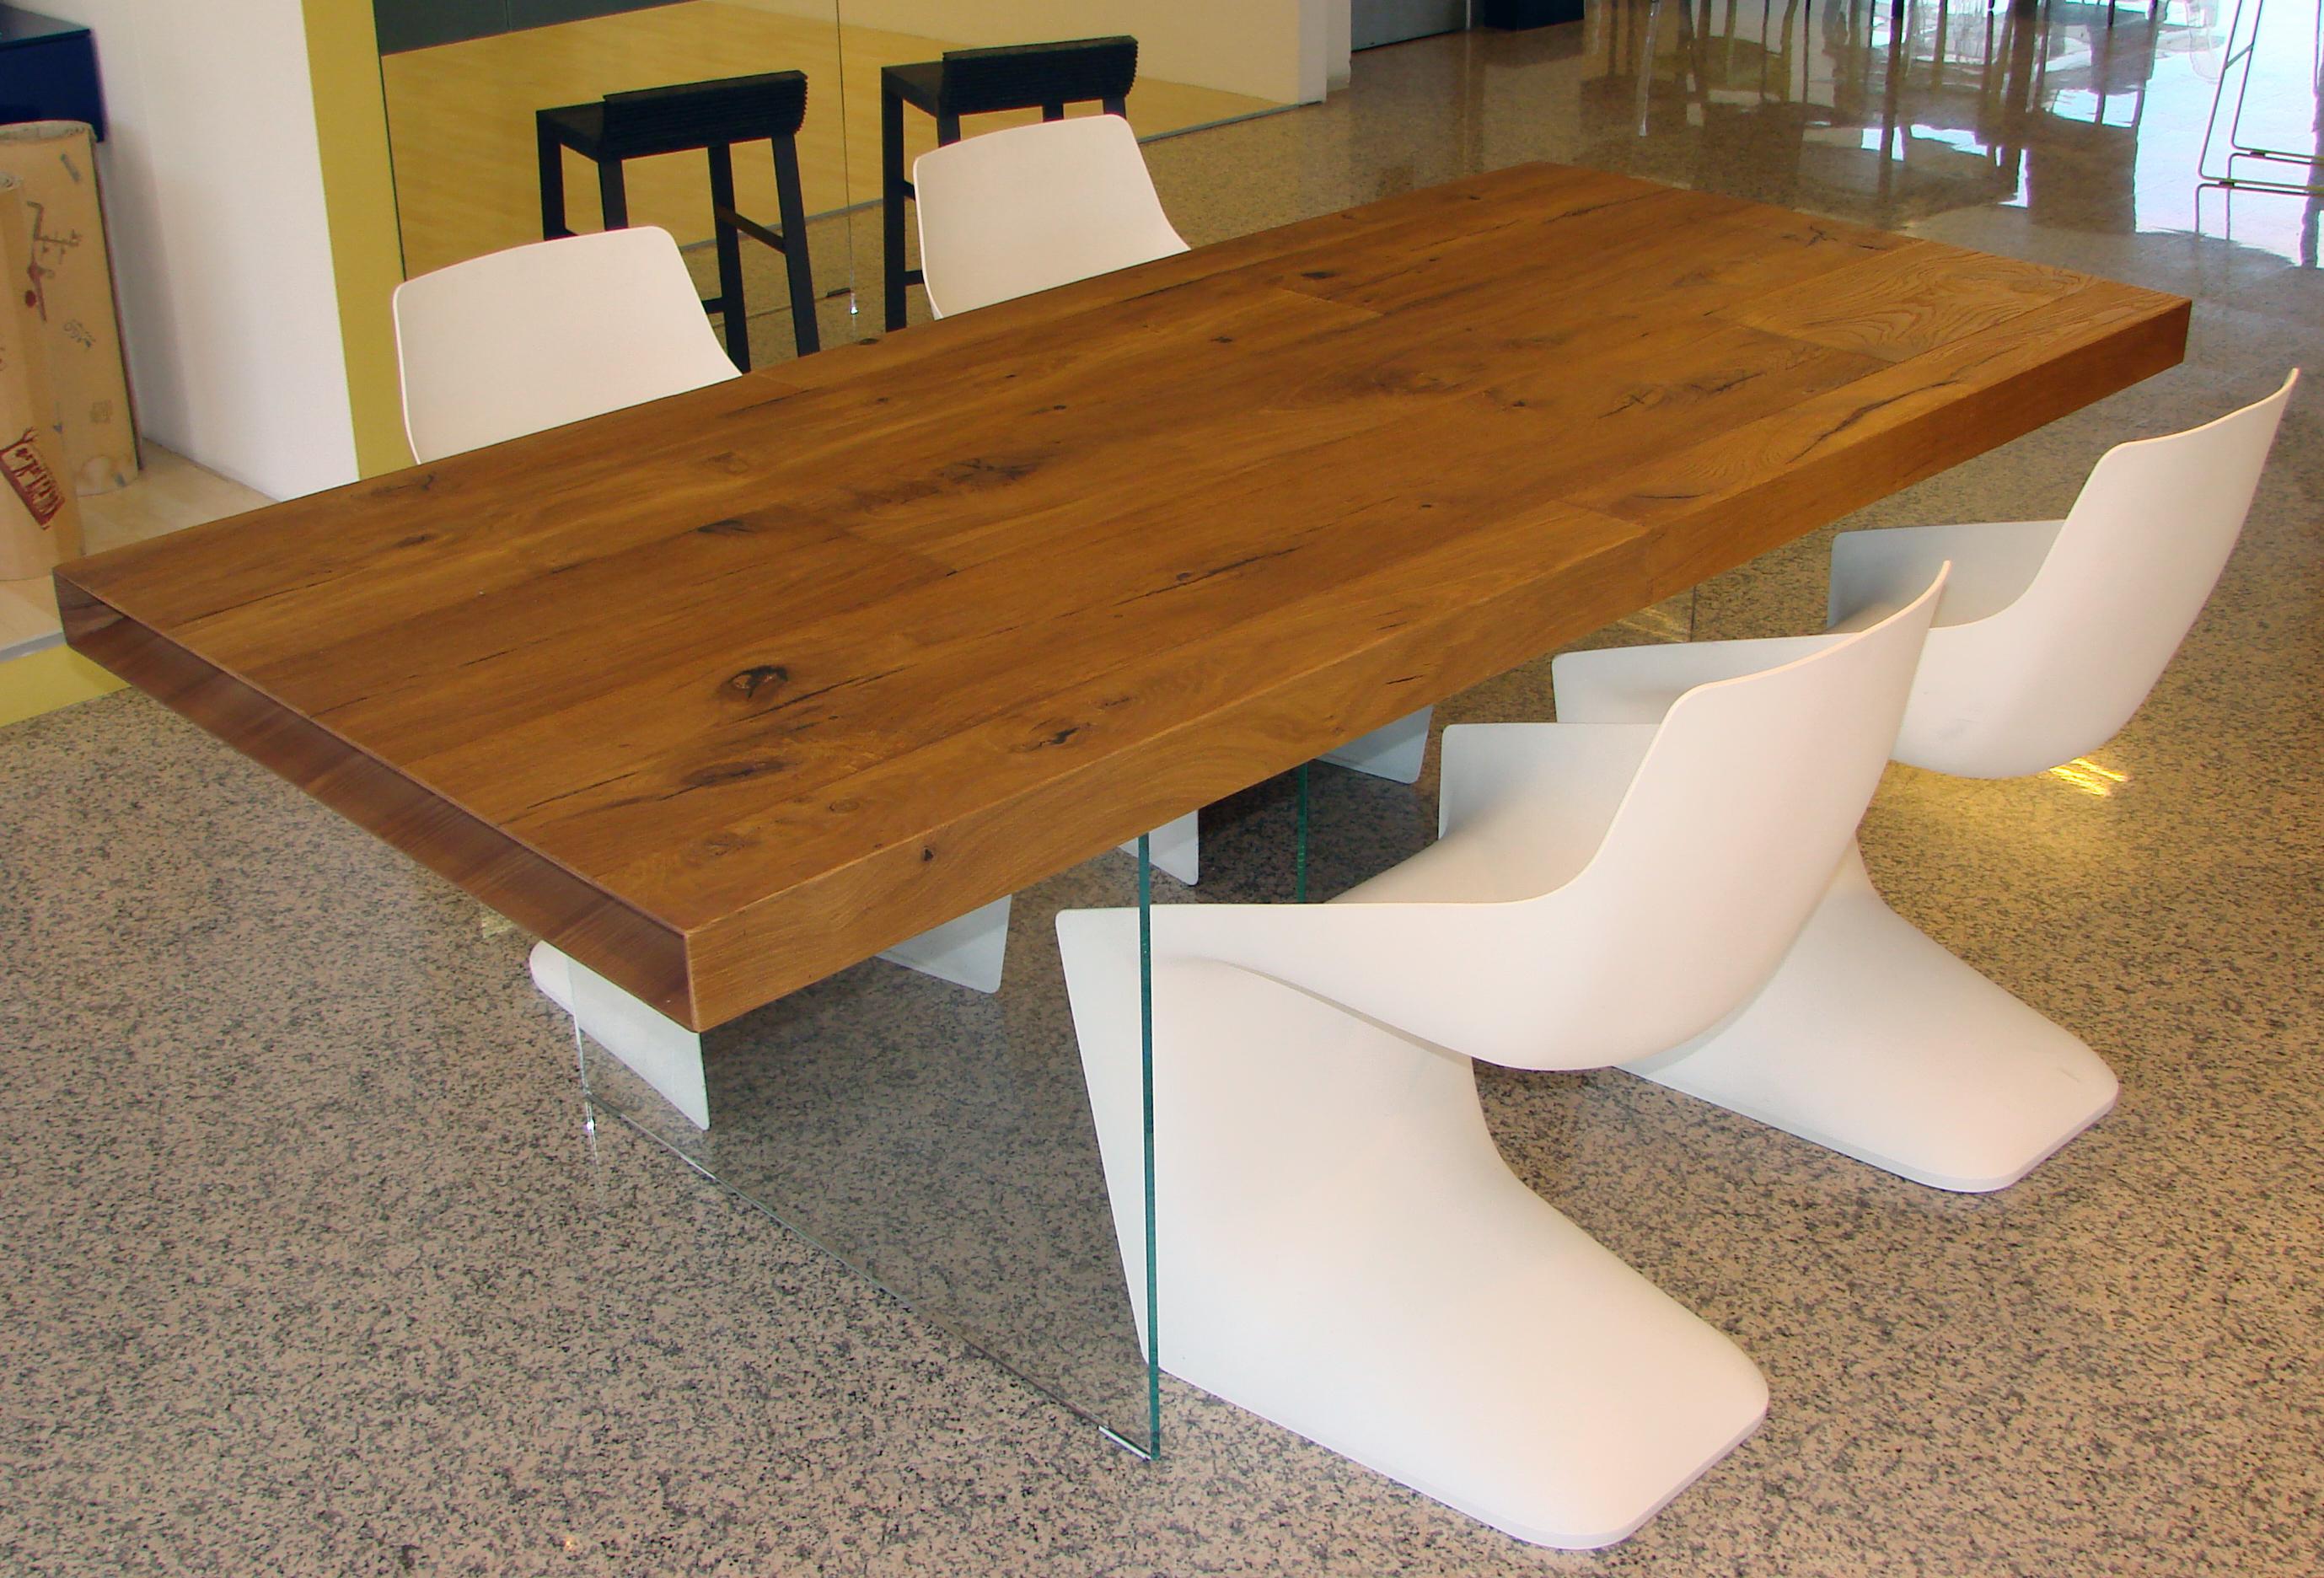 Tavolo AIR wildwood OUTLET - dimensione legnodimensione legno